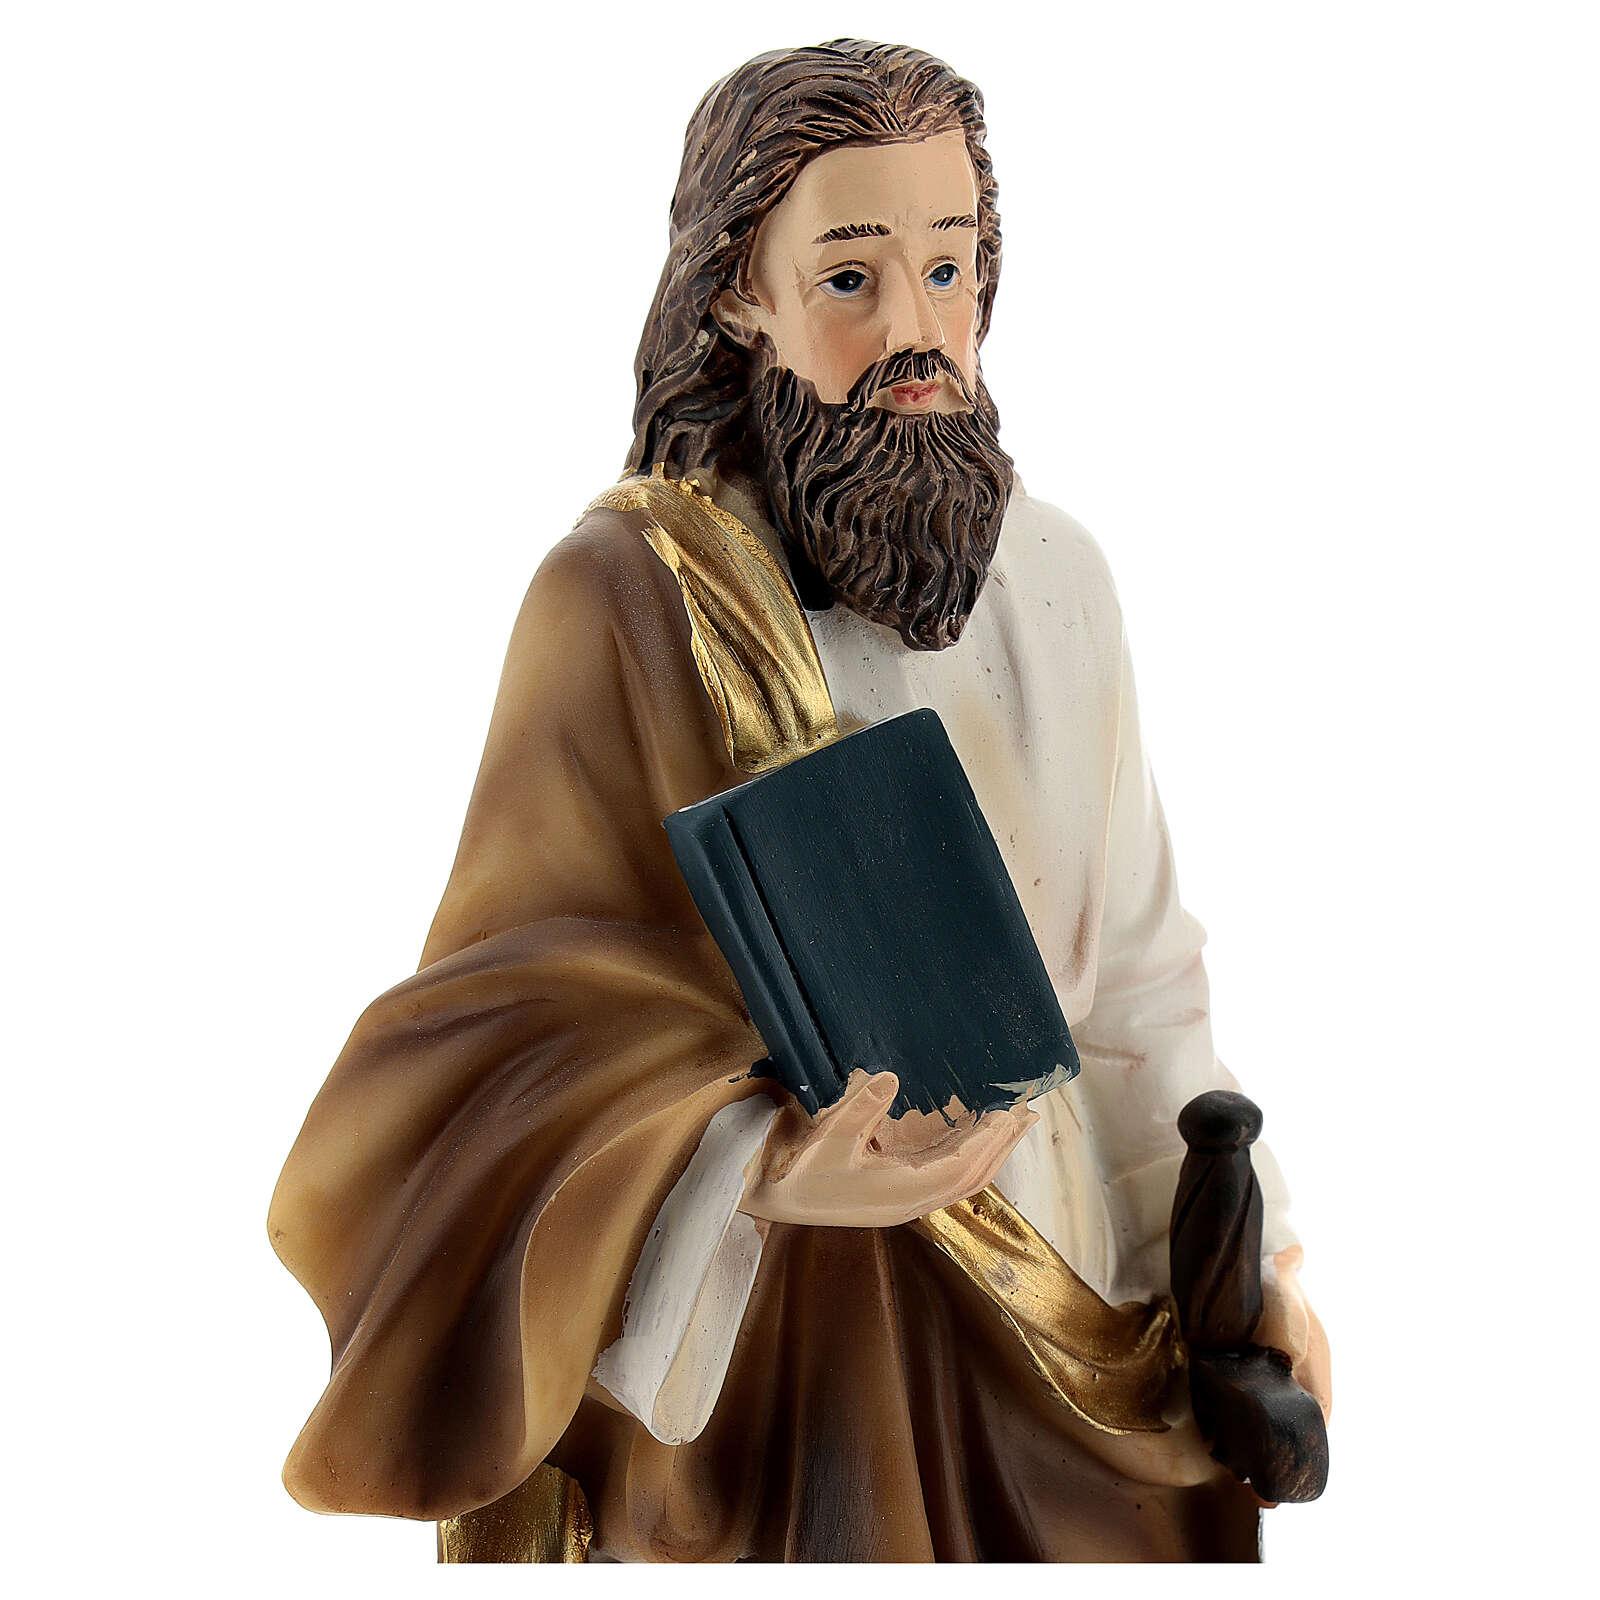 San Pablo pelo castaño estatua resina 21 cm 4